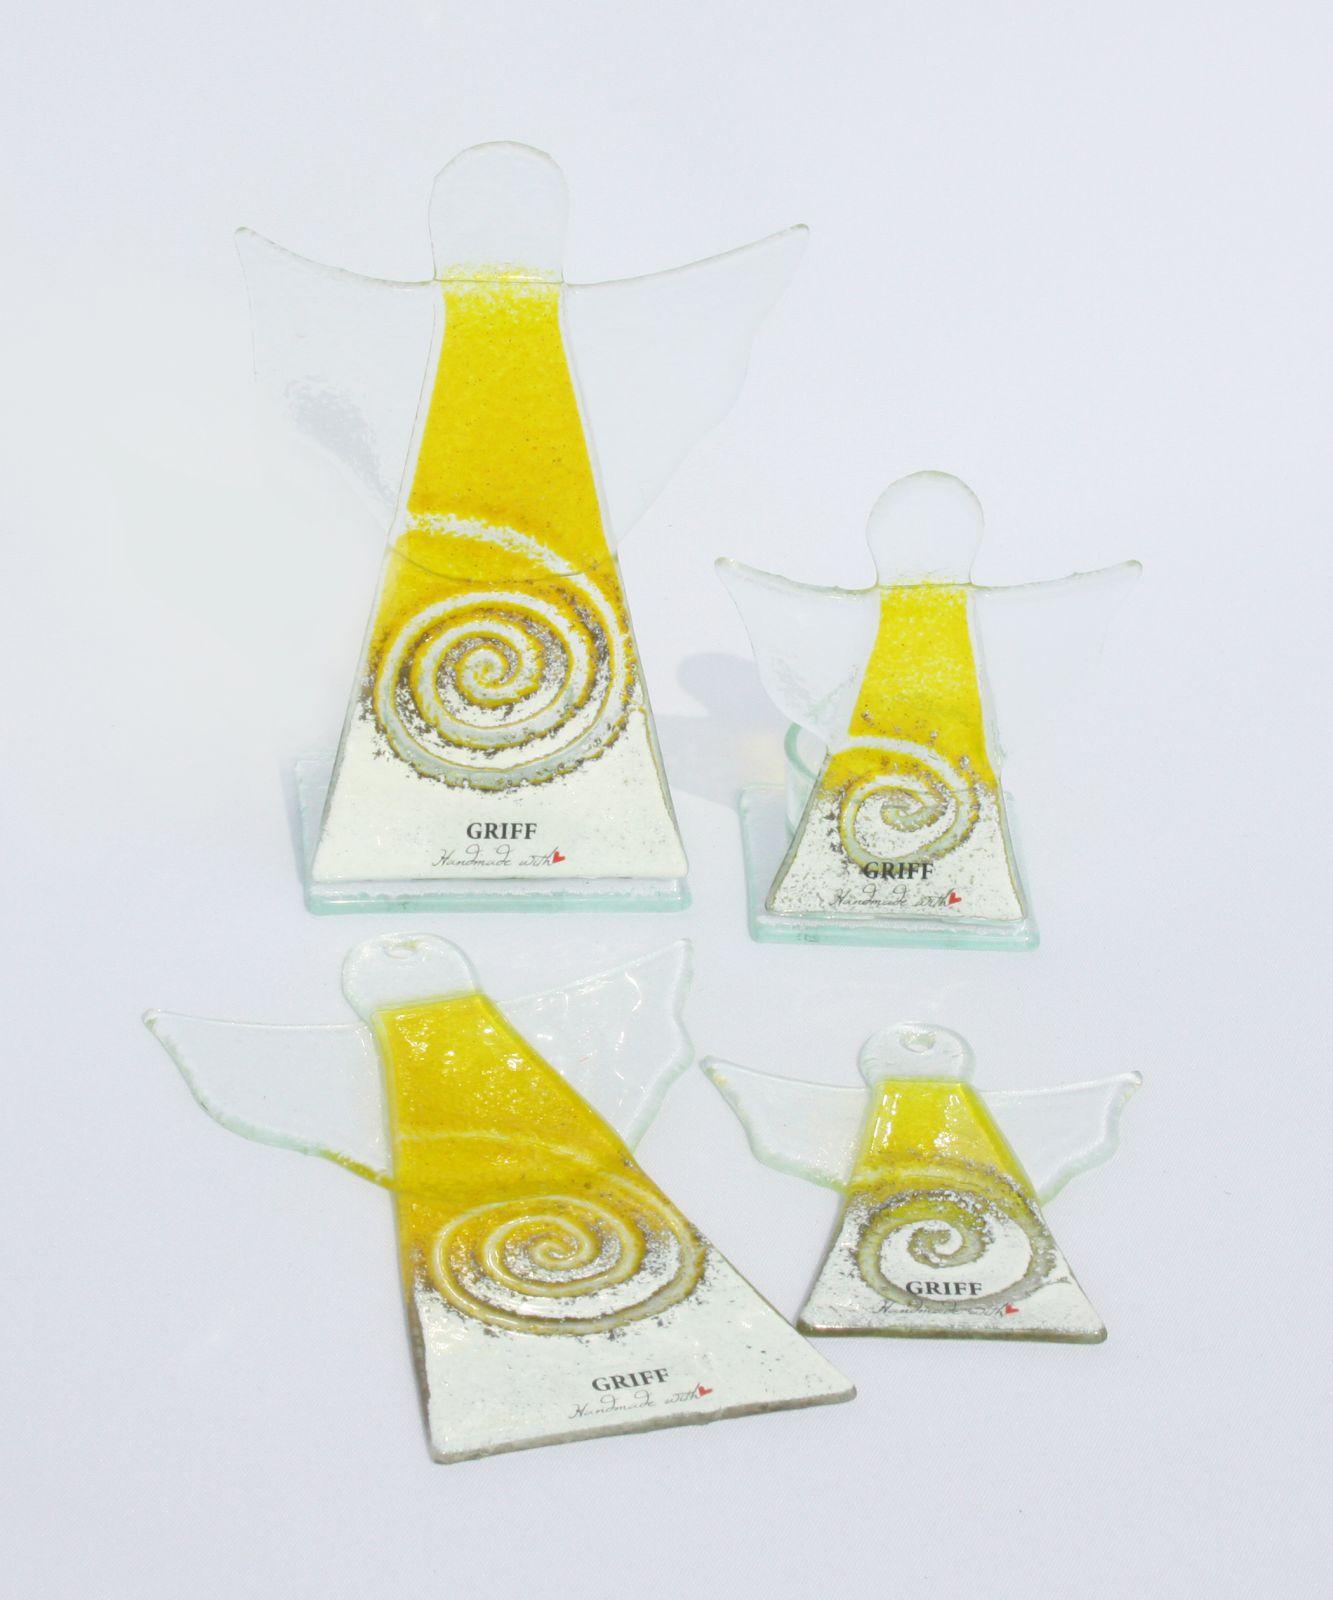 Dekorace do bytu Skleněný dekorační svícen anděl na čajovou svíčku - žlutý GRIFFglass originální, skleněné dekorace do bytu